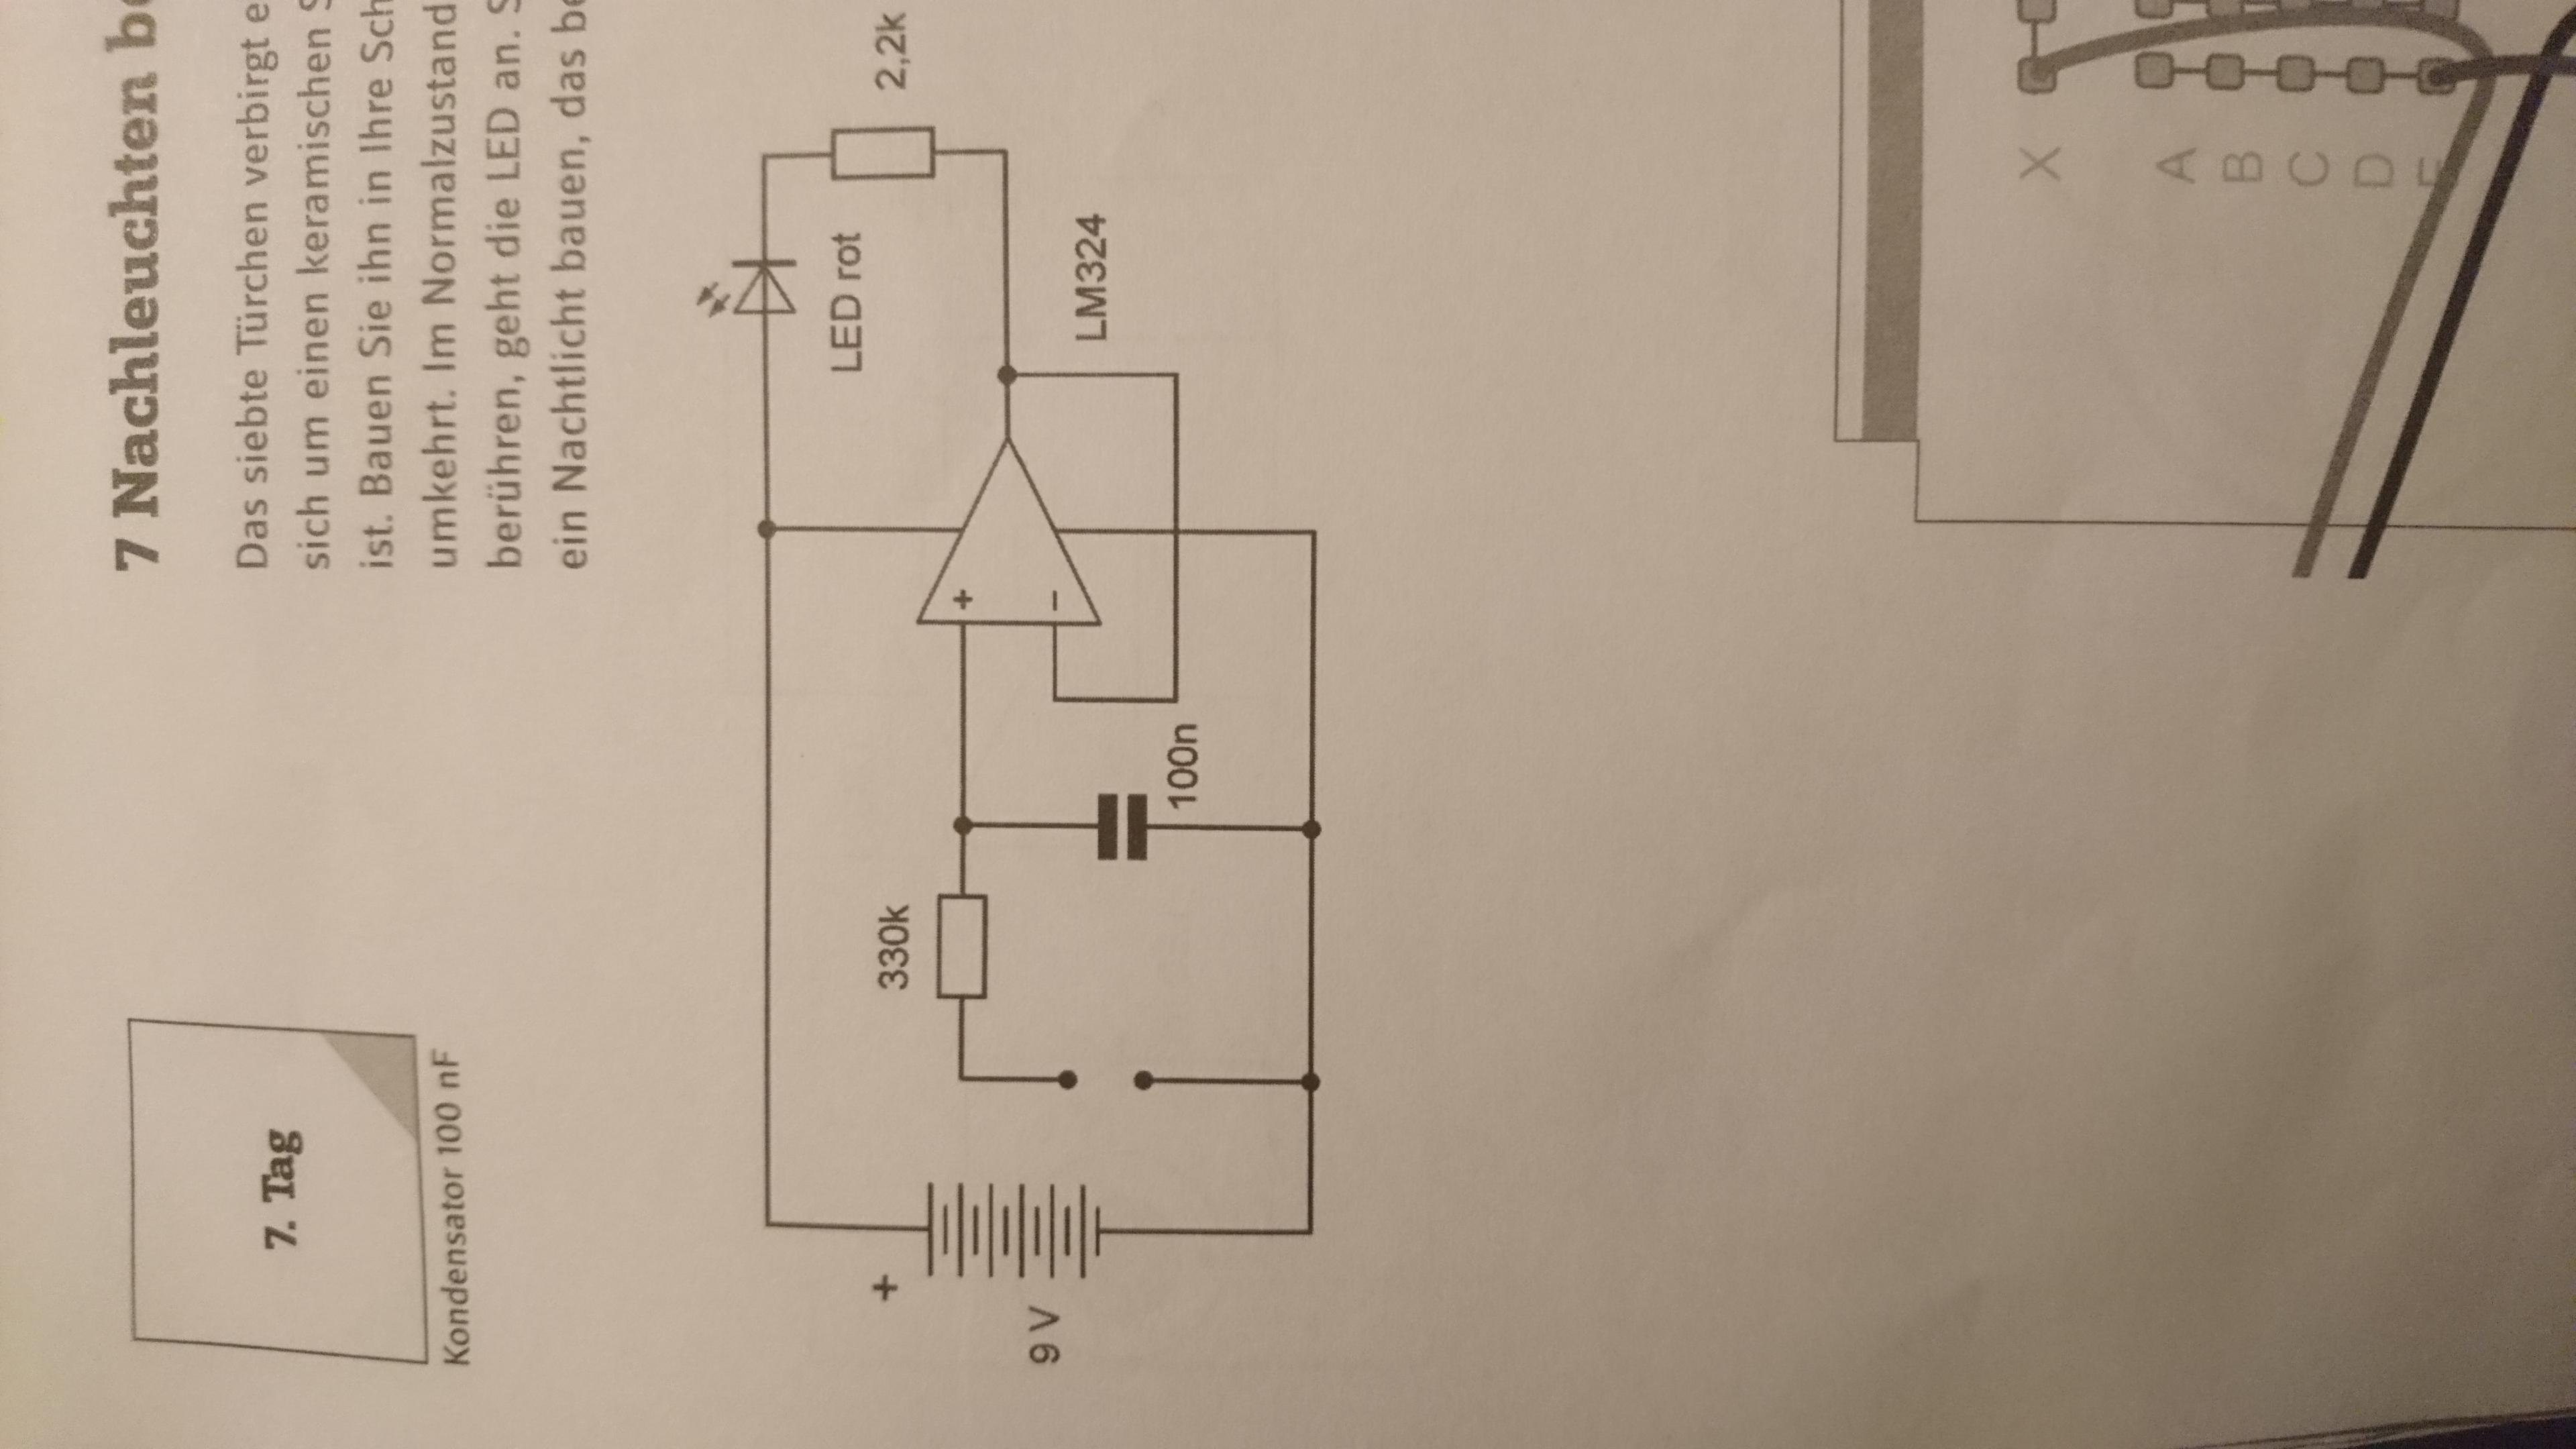 nachtleuchten bei ber hrung opv technik technologie. Black Bedroom Furniture Sets. Home Design Ideas